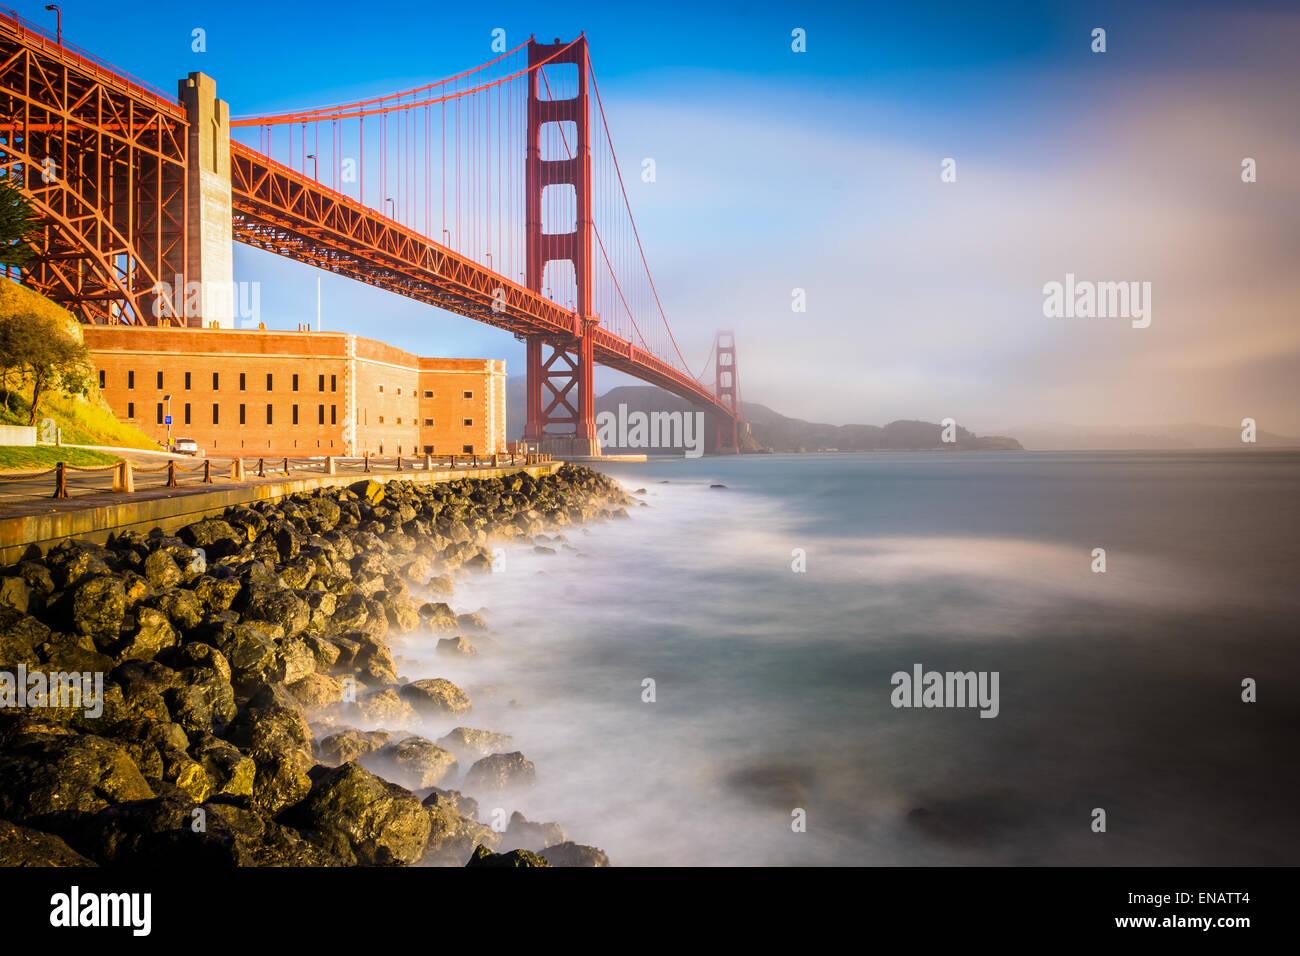 La larga exposición del Puente Golden Gate, visto al amanecer desde Fort Point, San Francisco, California. Imagen De Stock